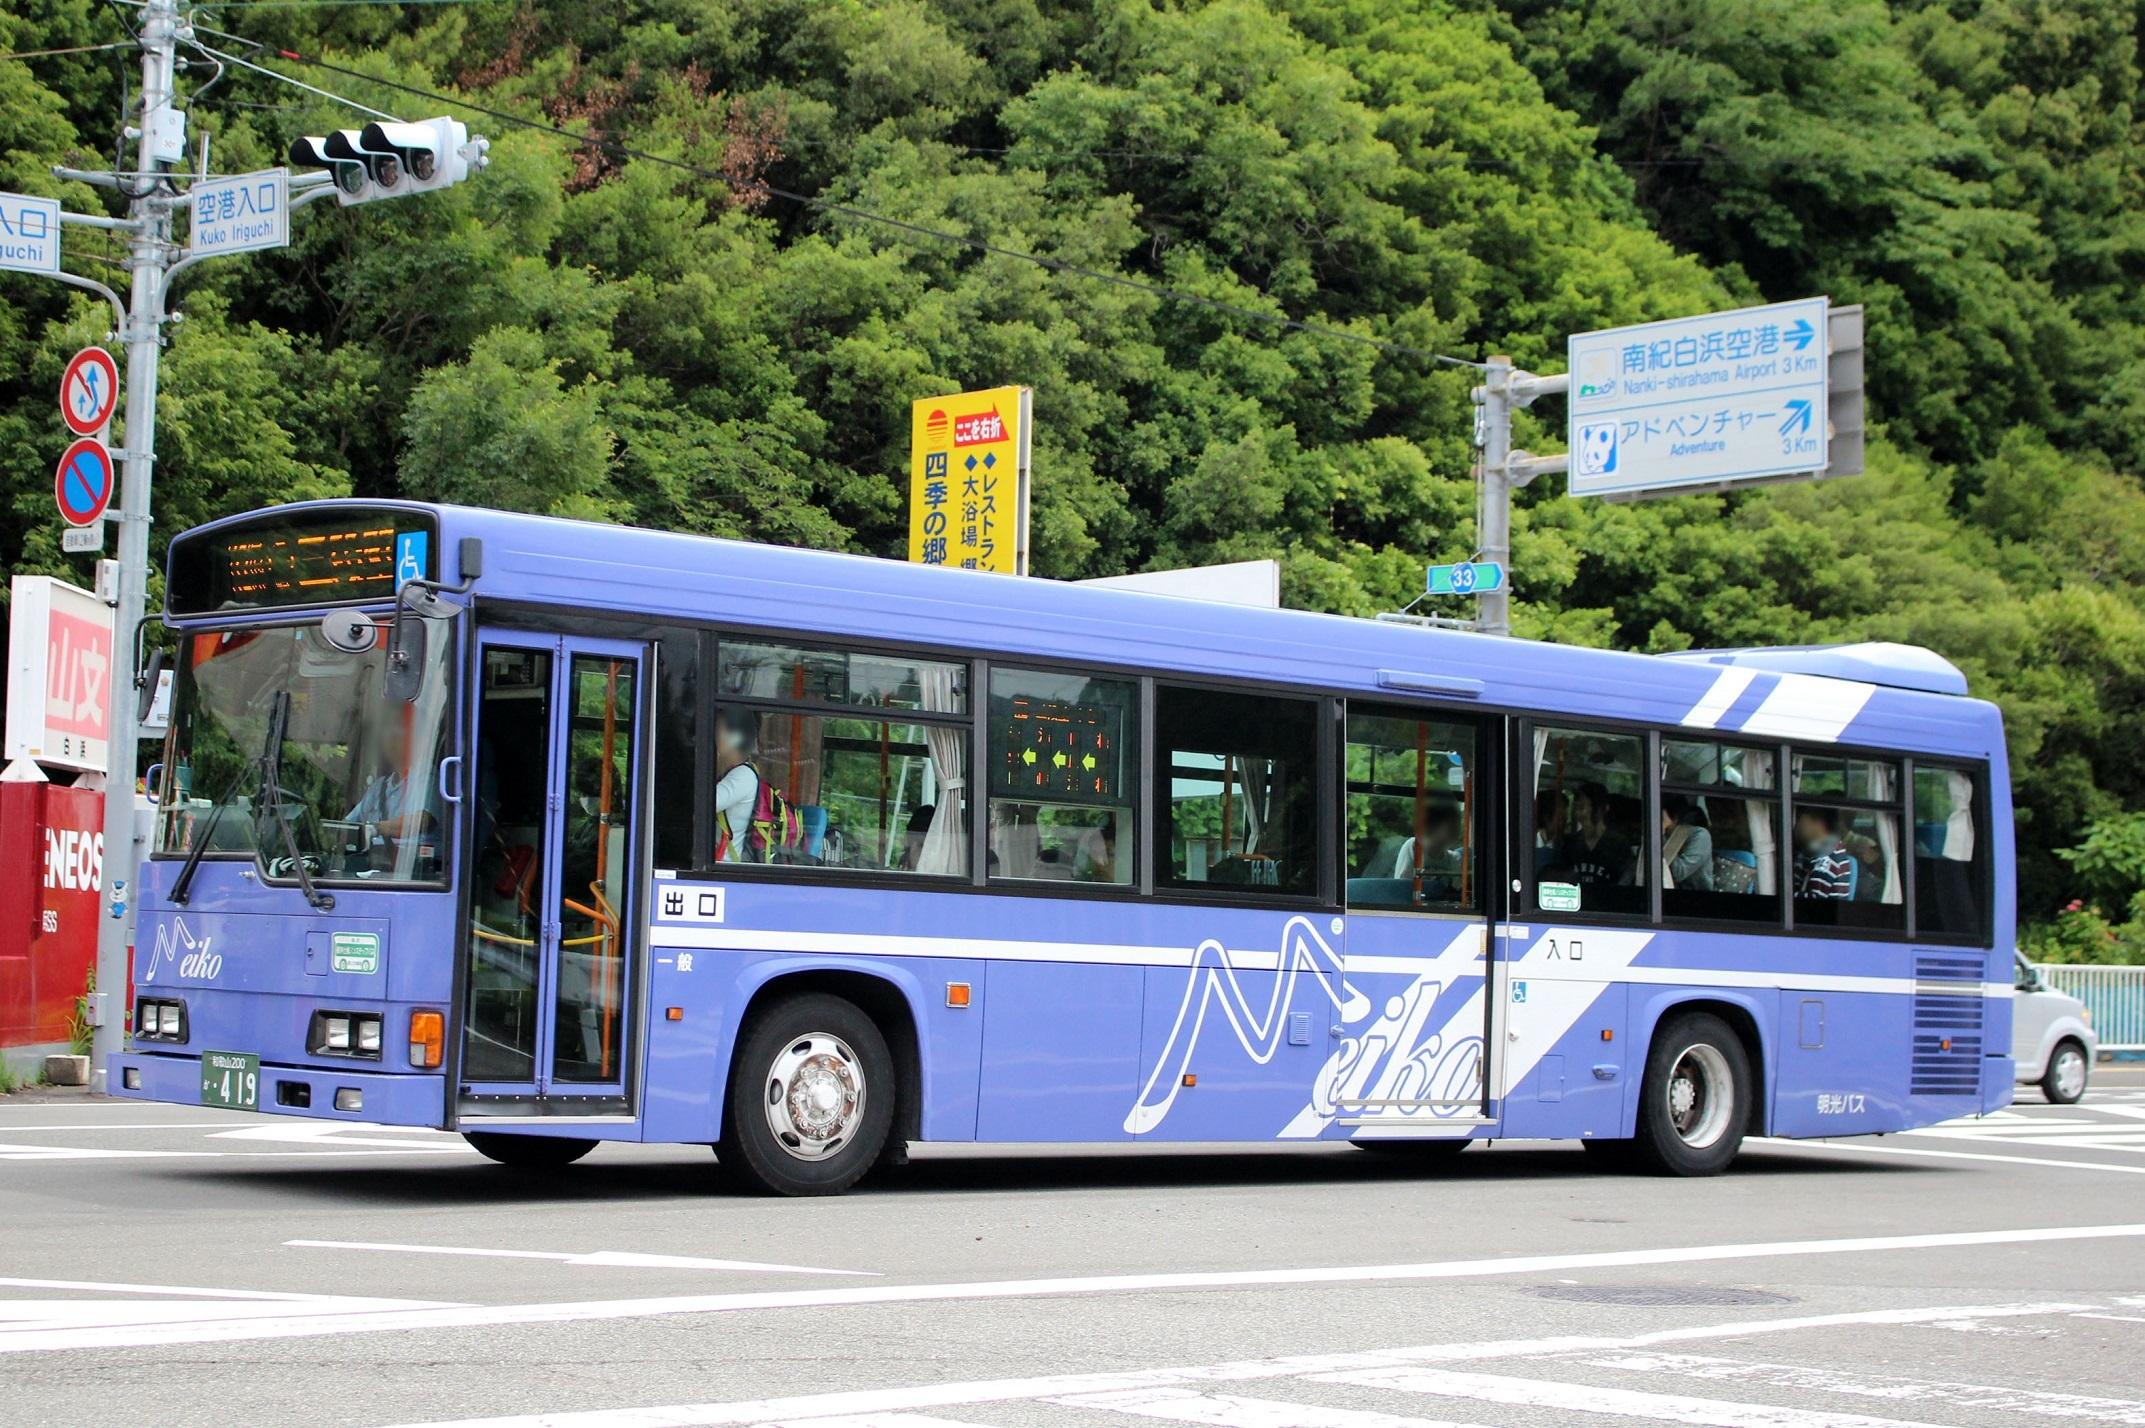 明光バス か419